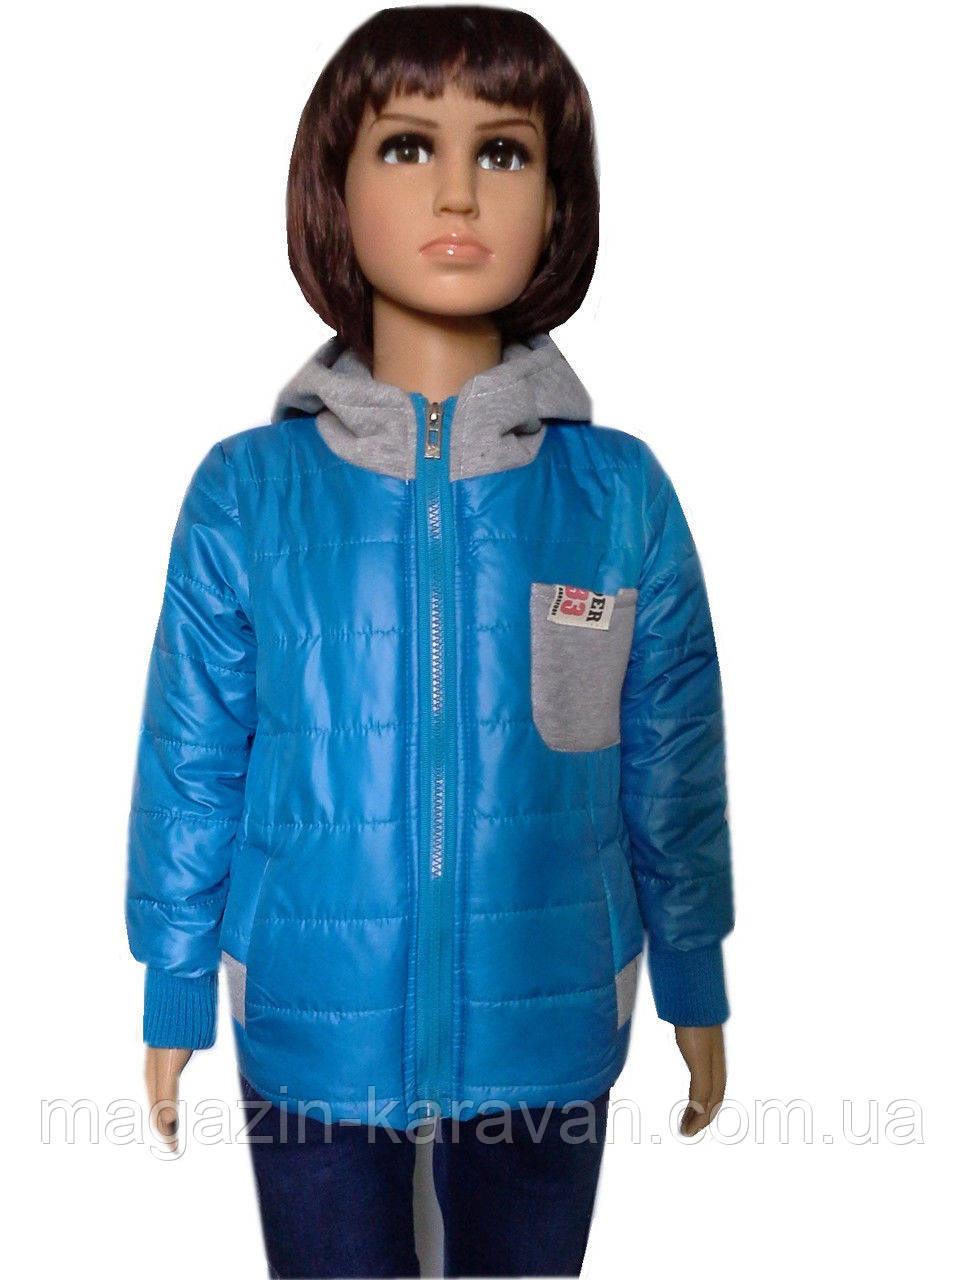 Теплая куртка для мальчика демисезонная